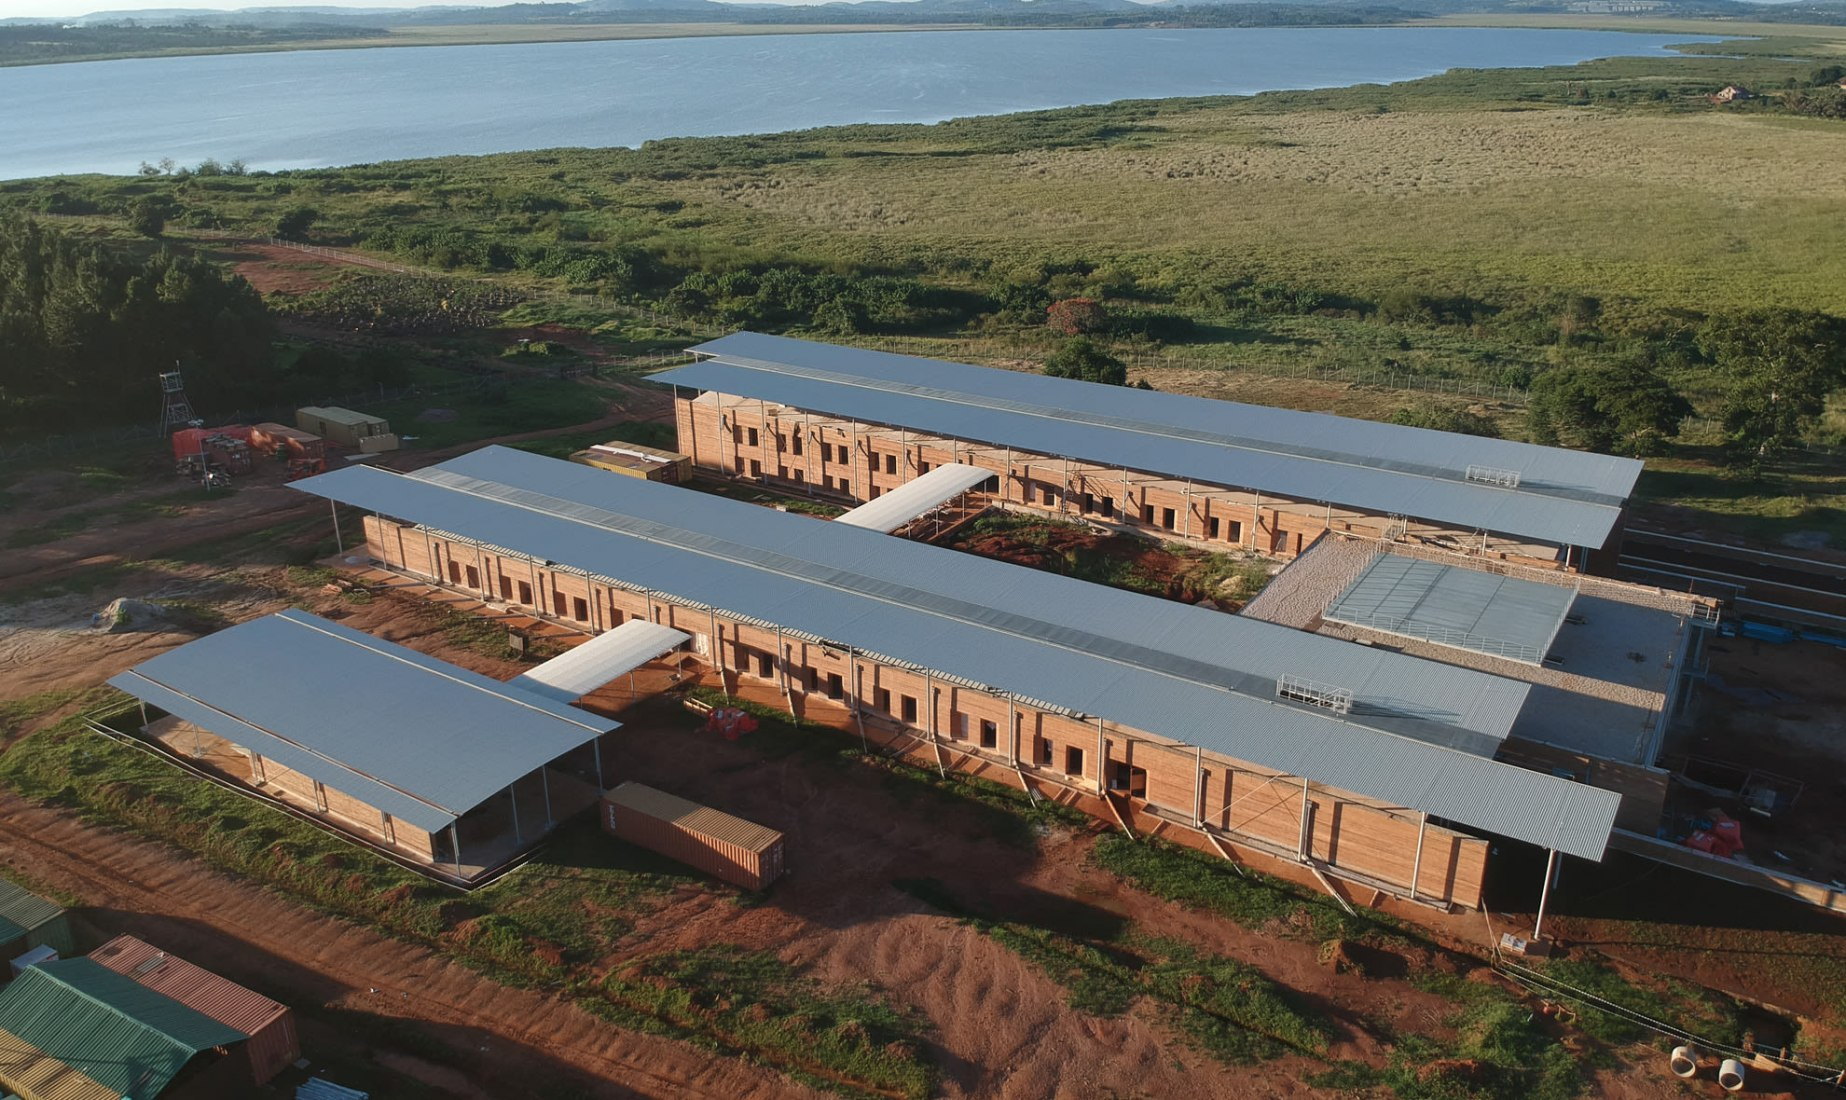 Centro de urgencias de cirugía infantil de Renzo Piano. Imagen cortesía de RPBW.